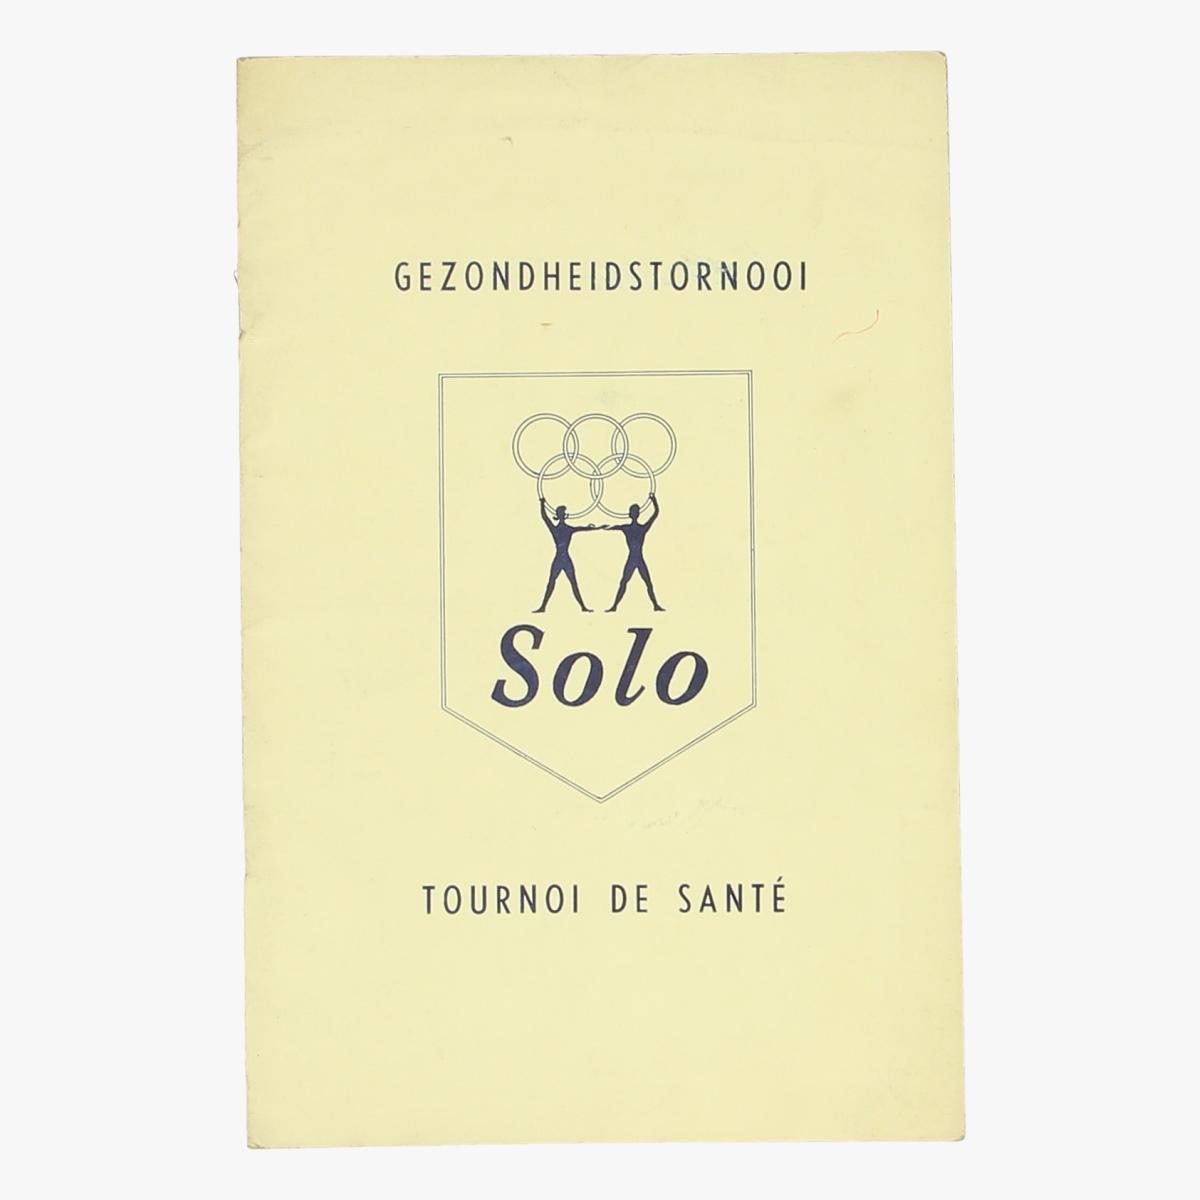 Afbeeldingen van boekje gezondheidstornooi Solo